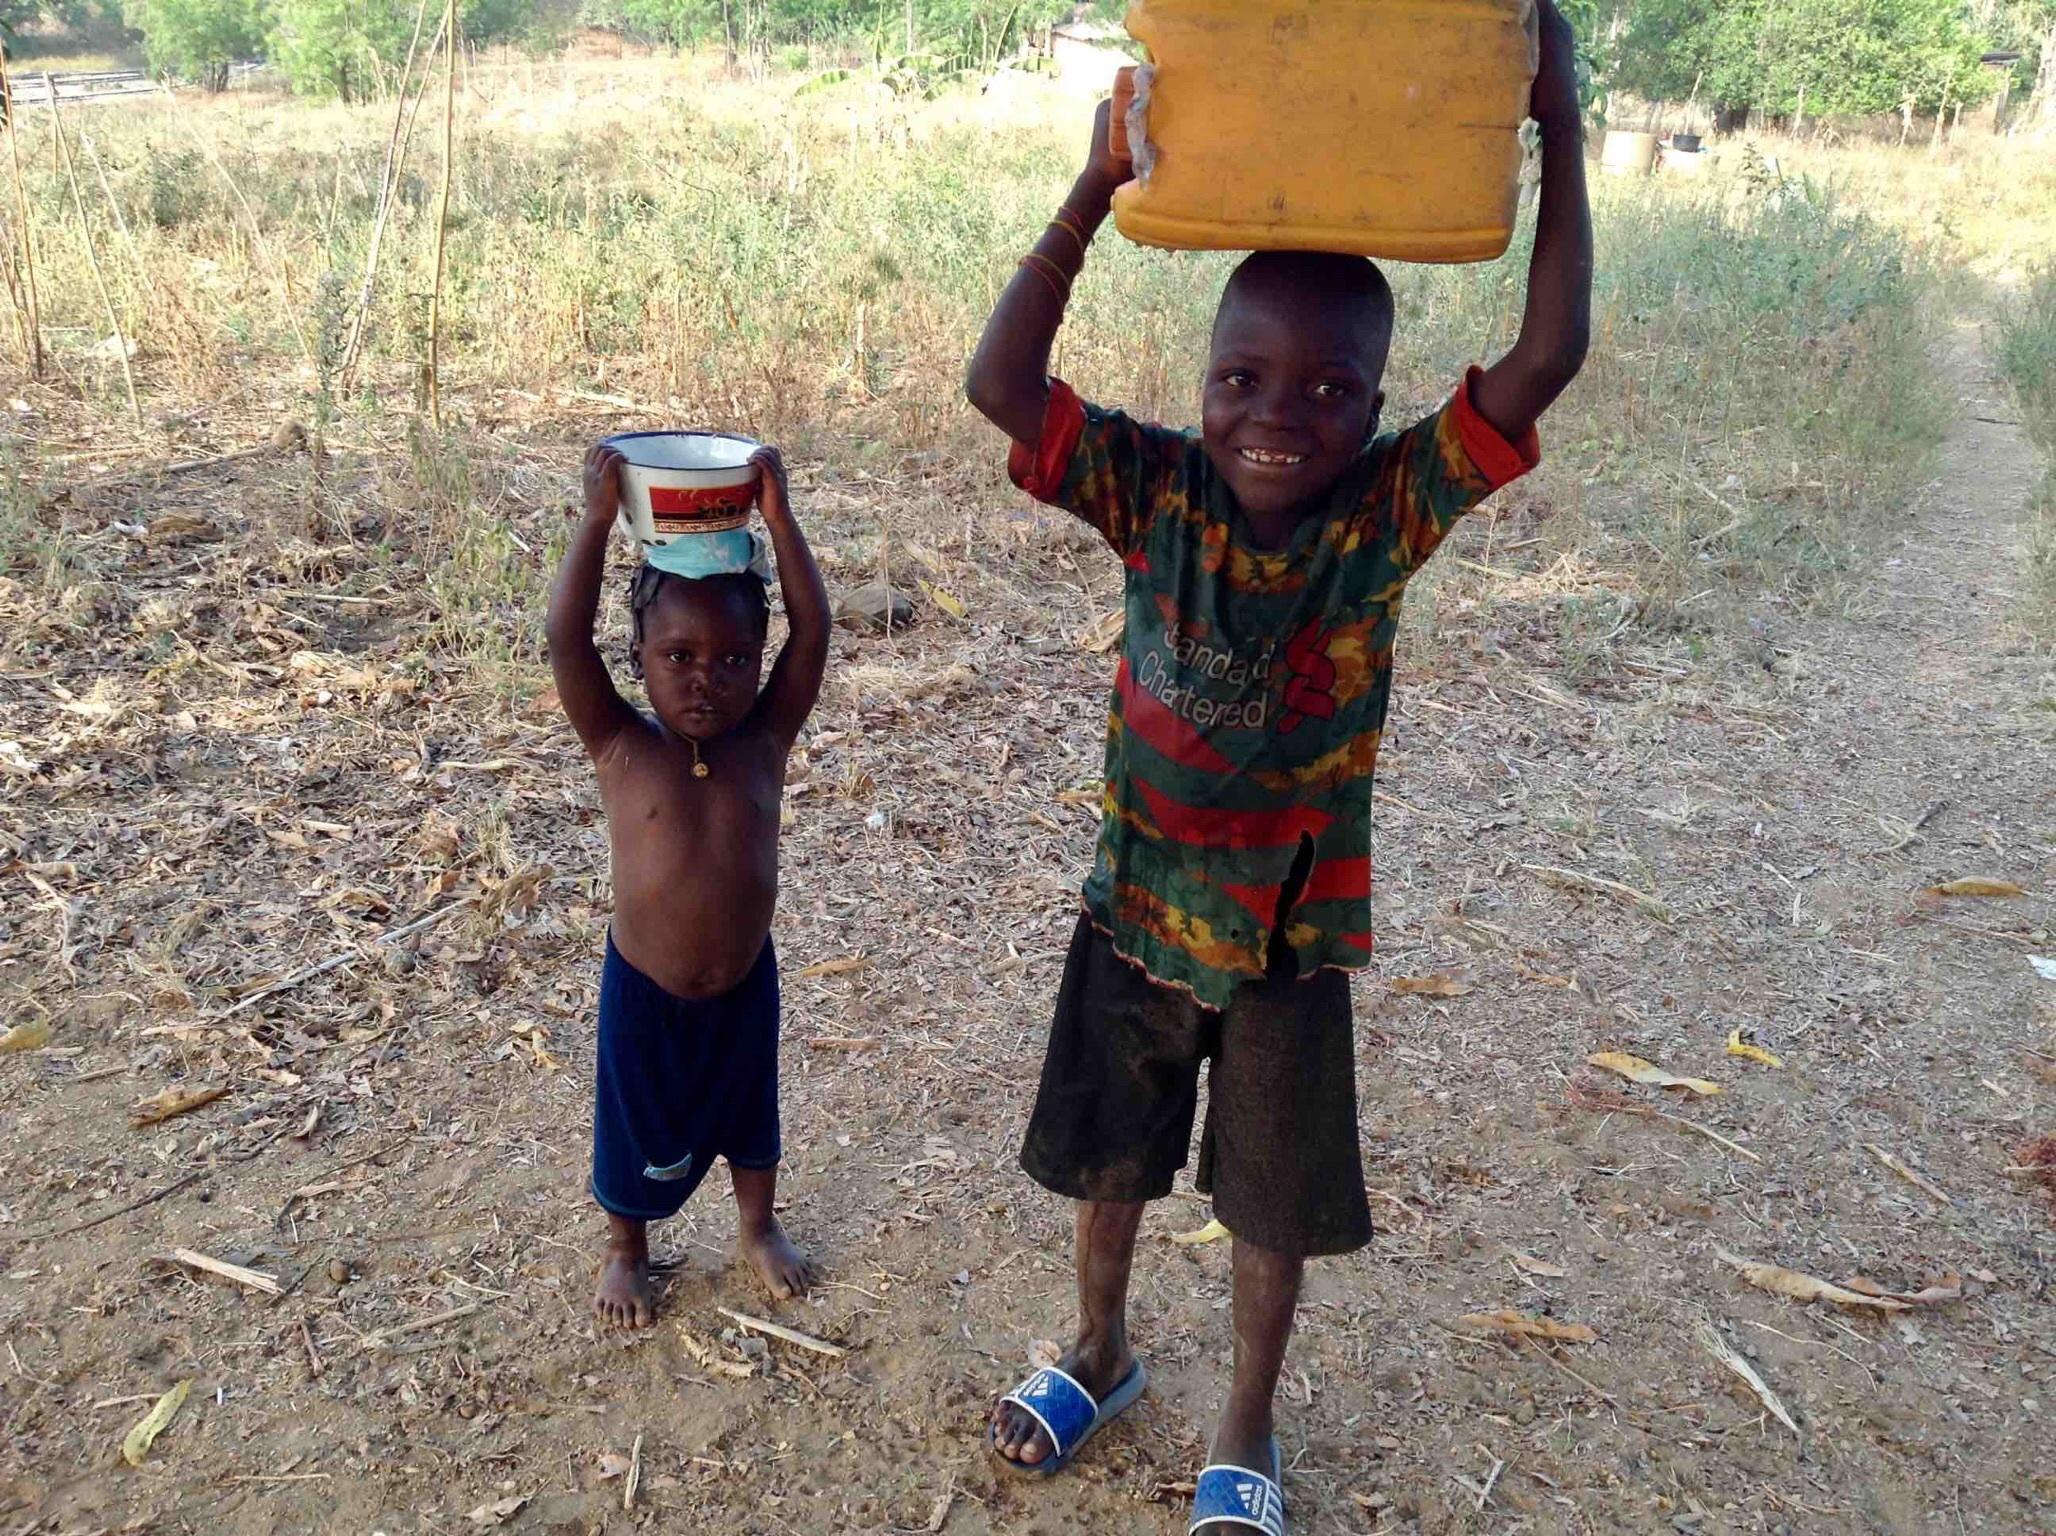 Eggon children fetching water in Langa Langa Village, Nasarawa State. Nigeria. #JujuFilms